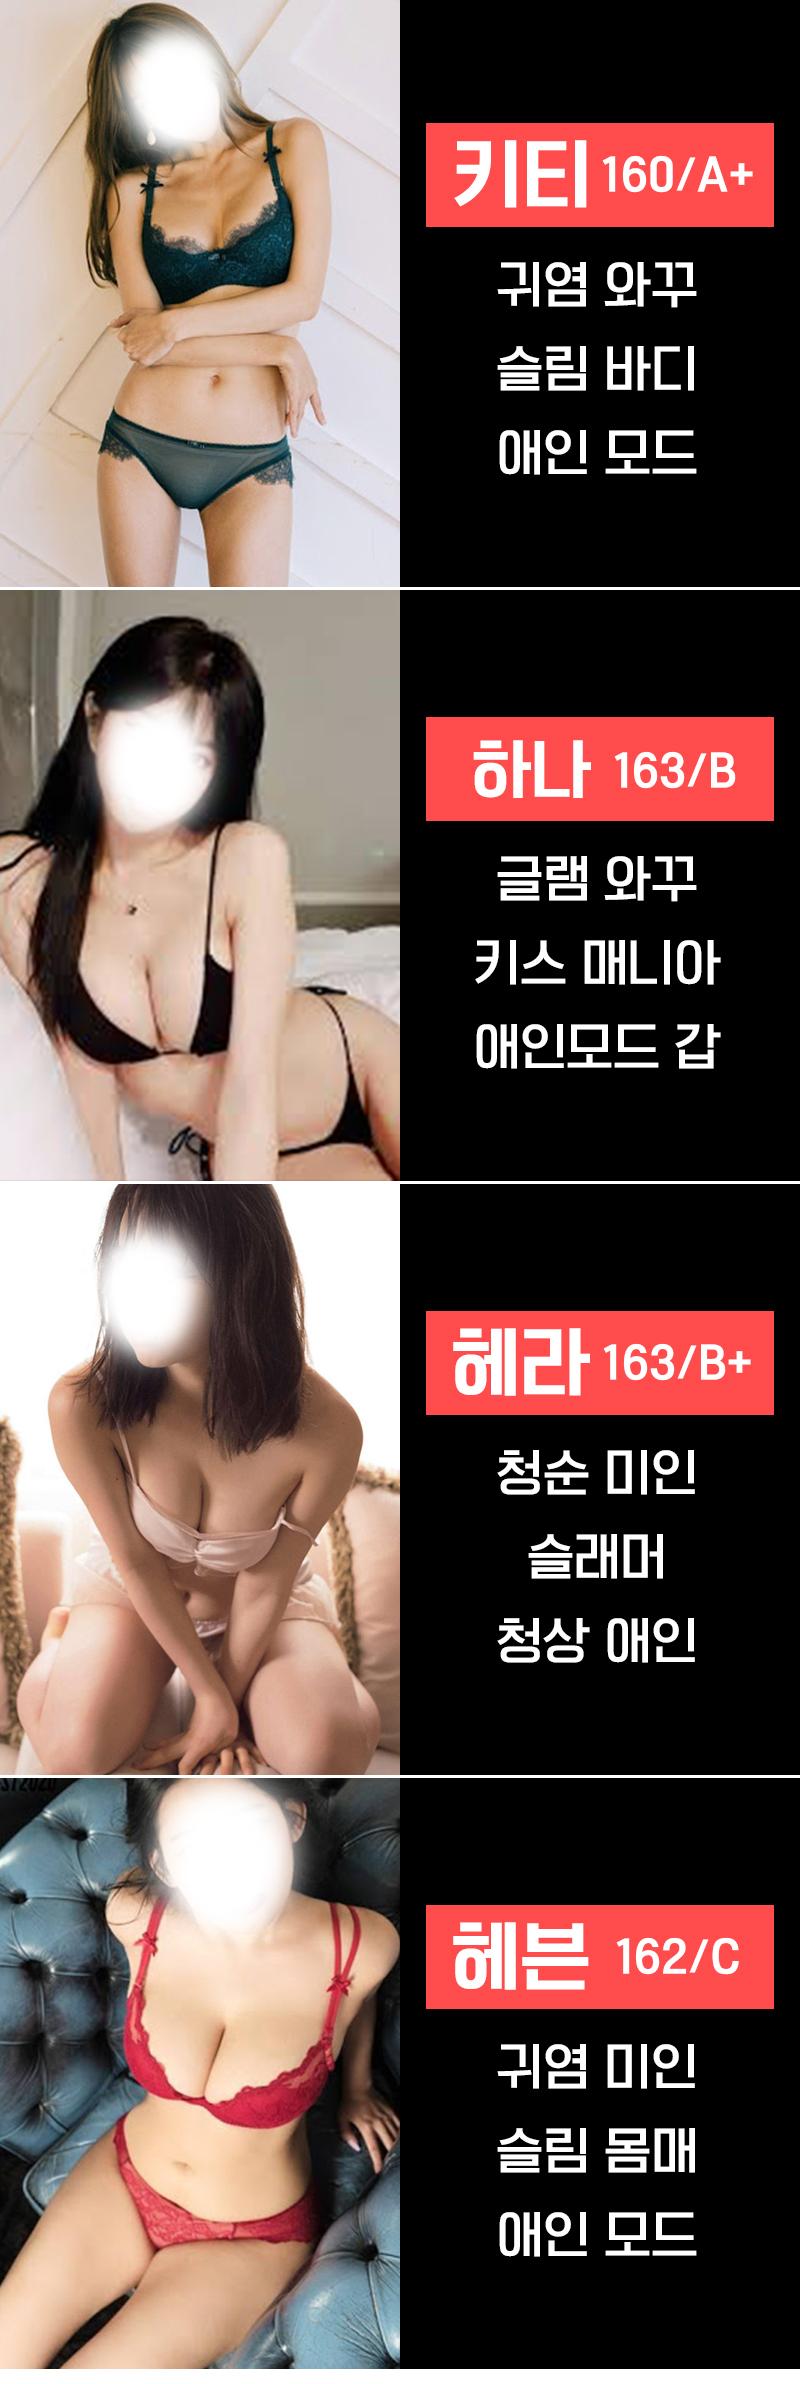 KakaoTalk_20210201_215201330_08.jpg